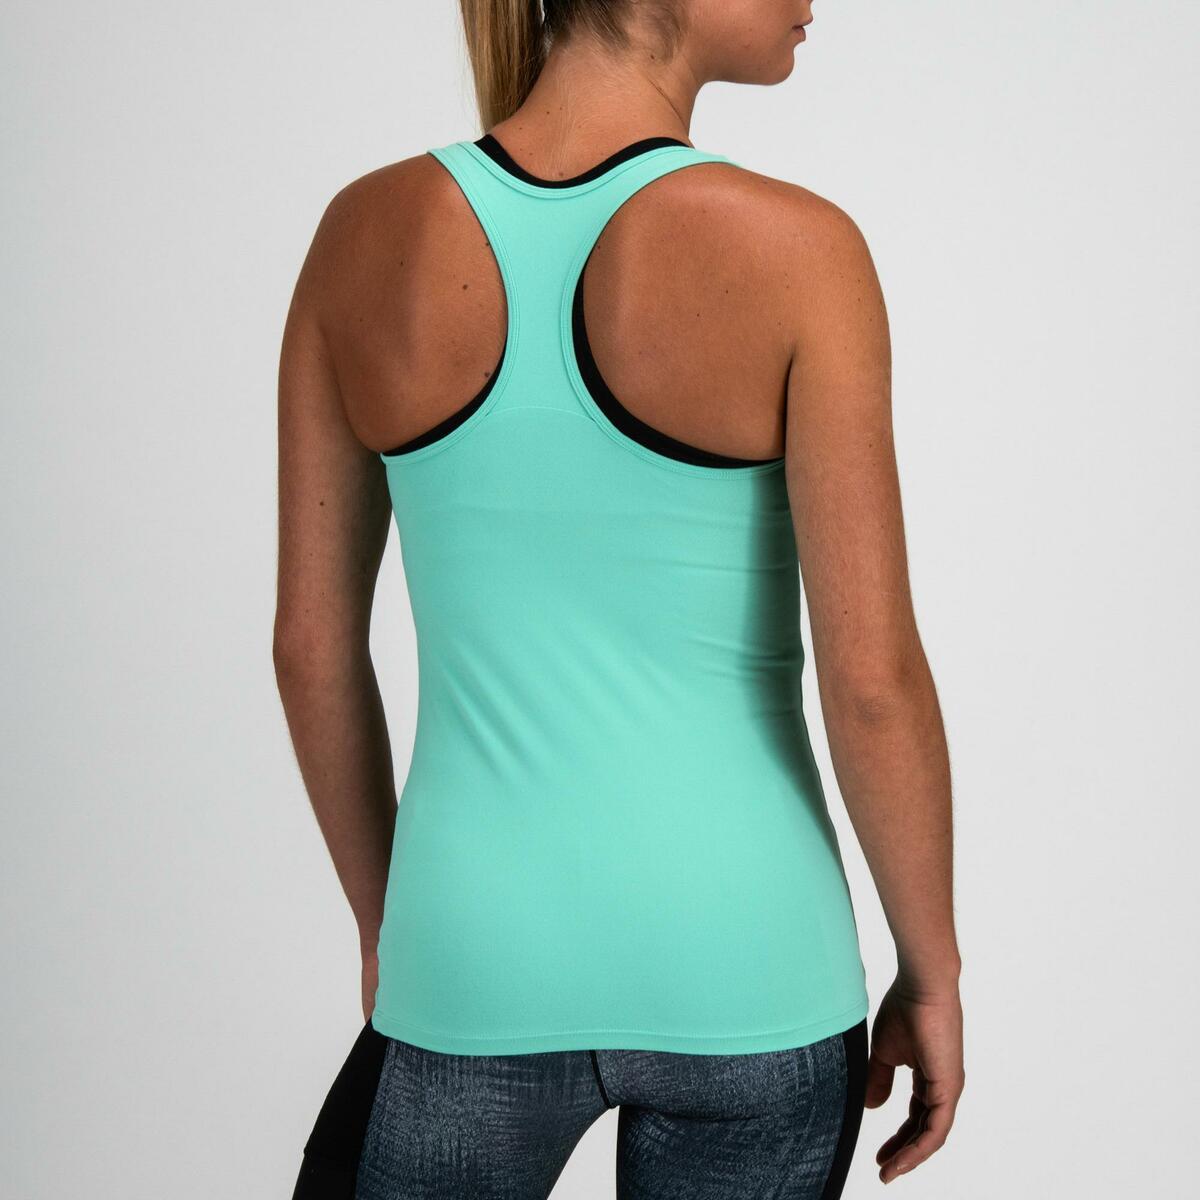 Bild 3 von My Top 100 Fitness Cardio Damen türkis